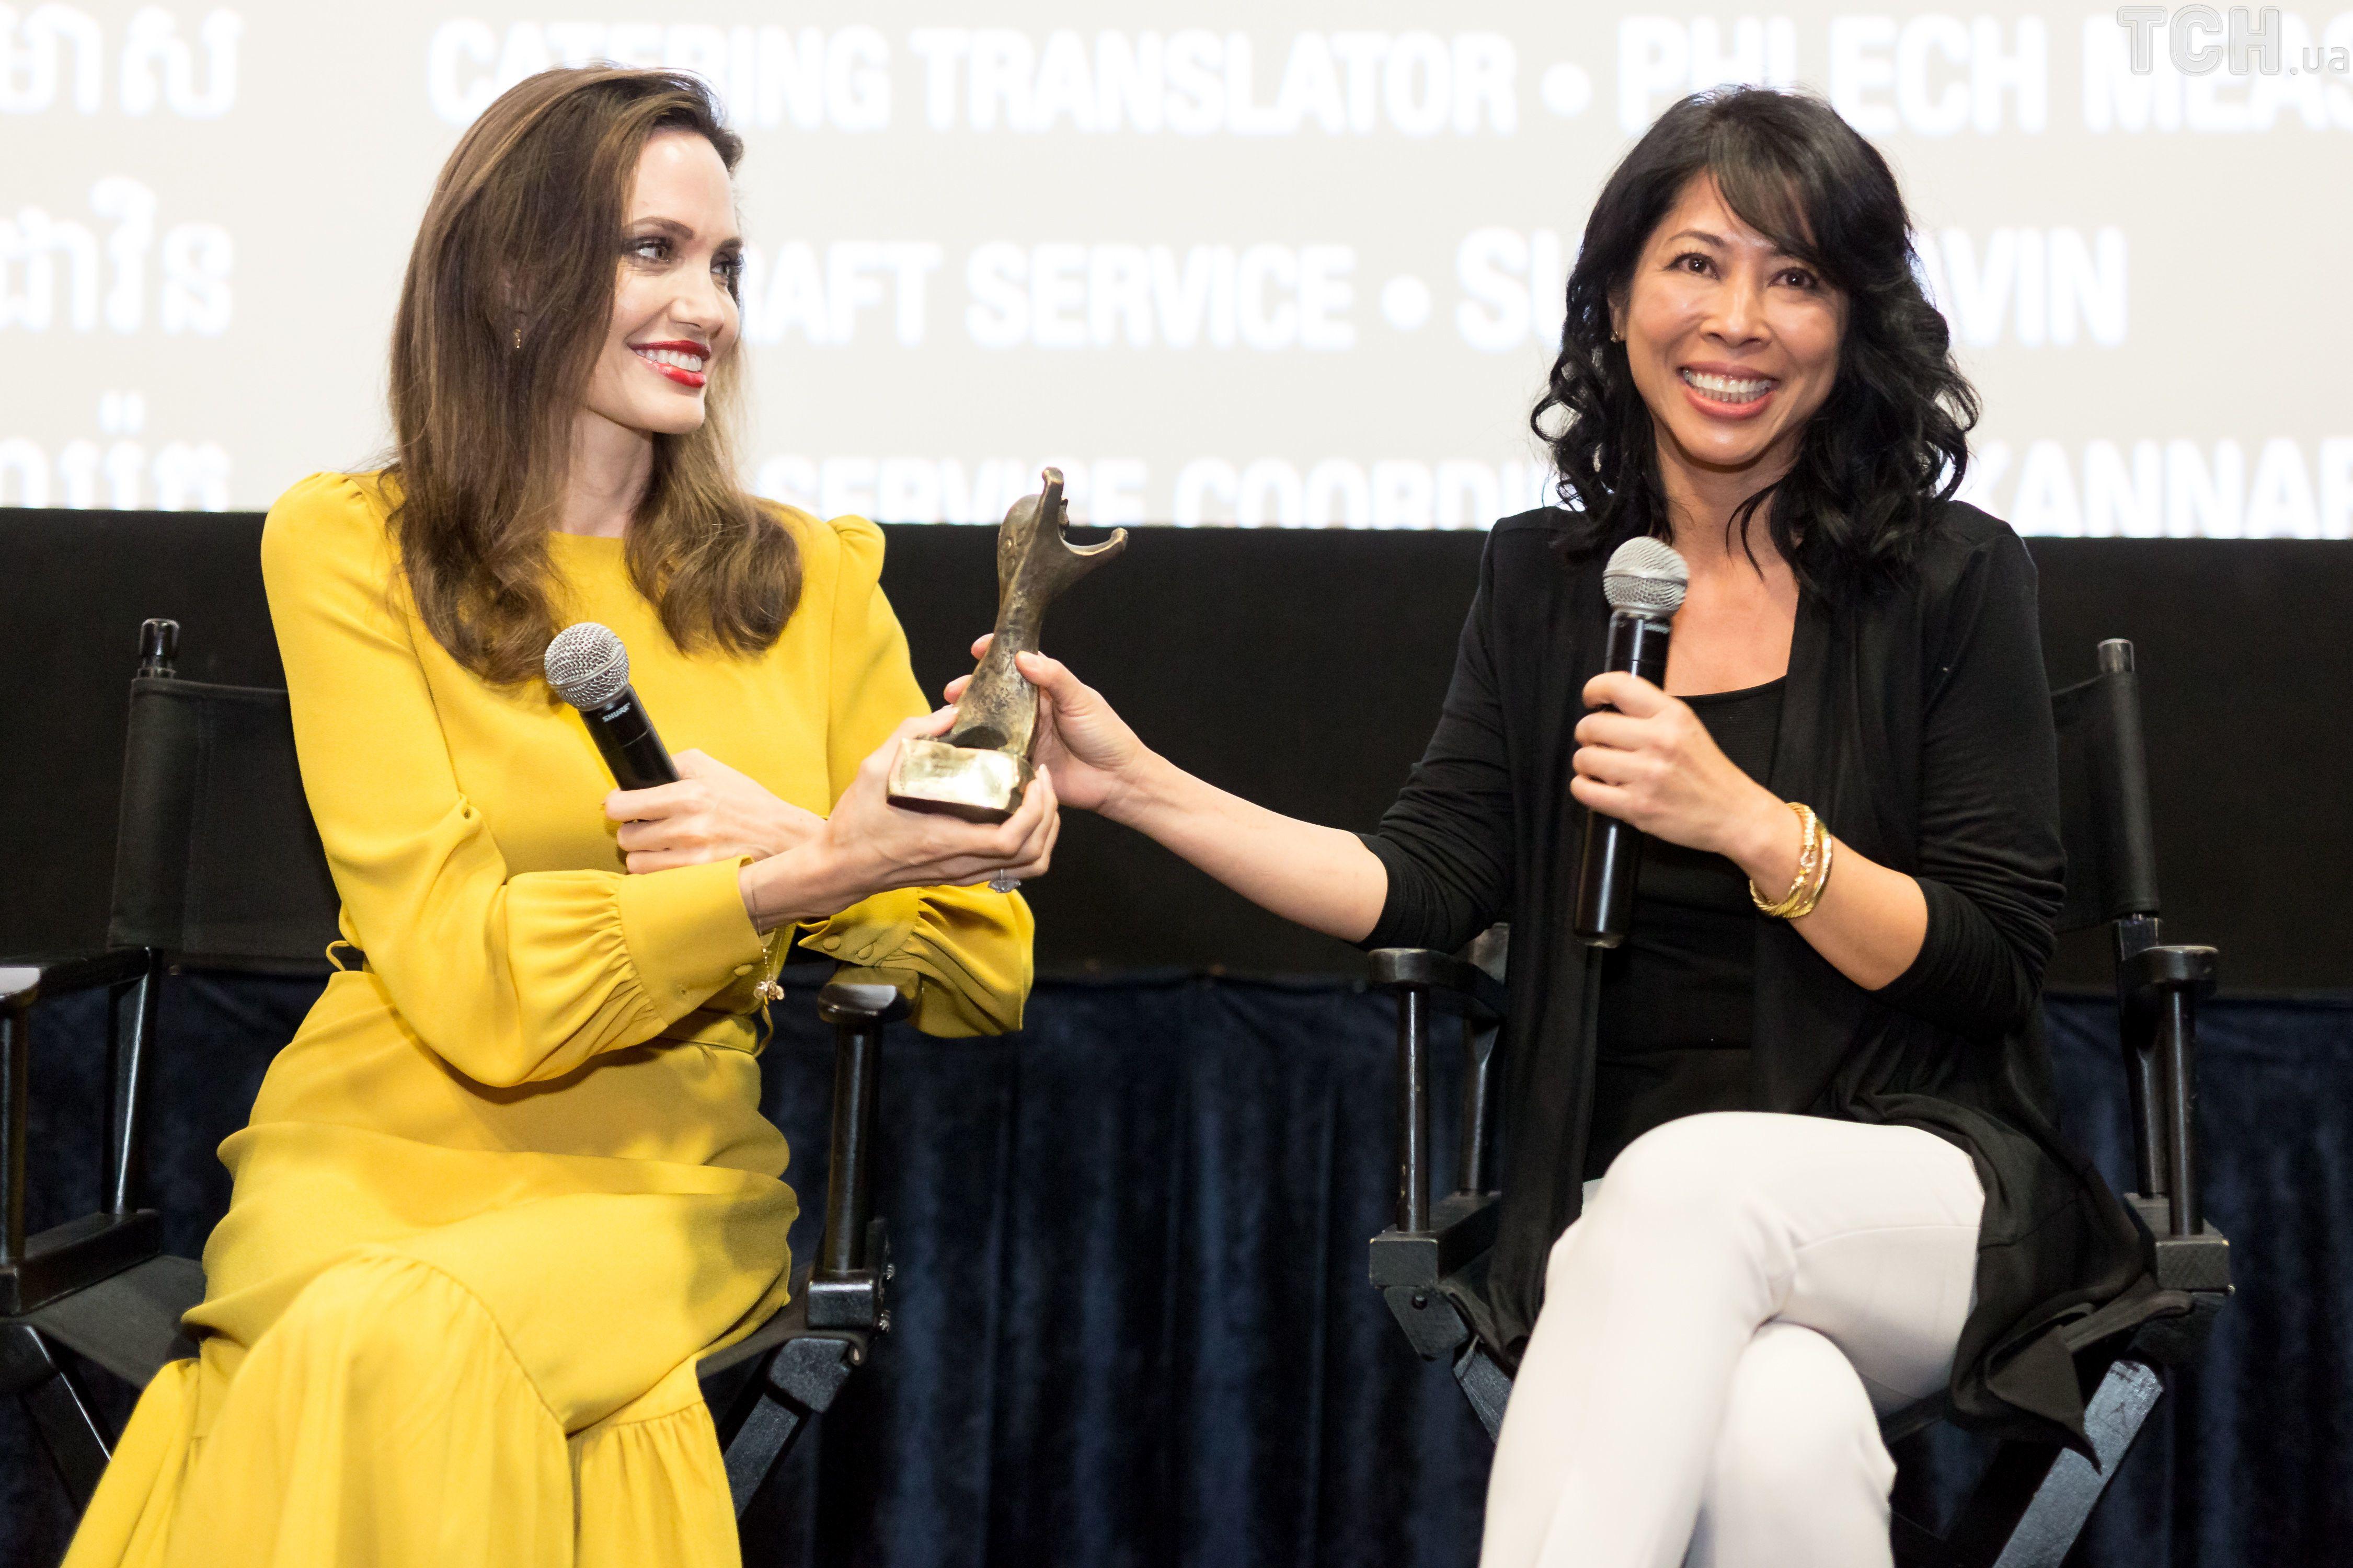 Анджеліна Джолі на кінофестивалі азіатського кіно _2